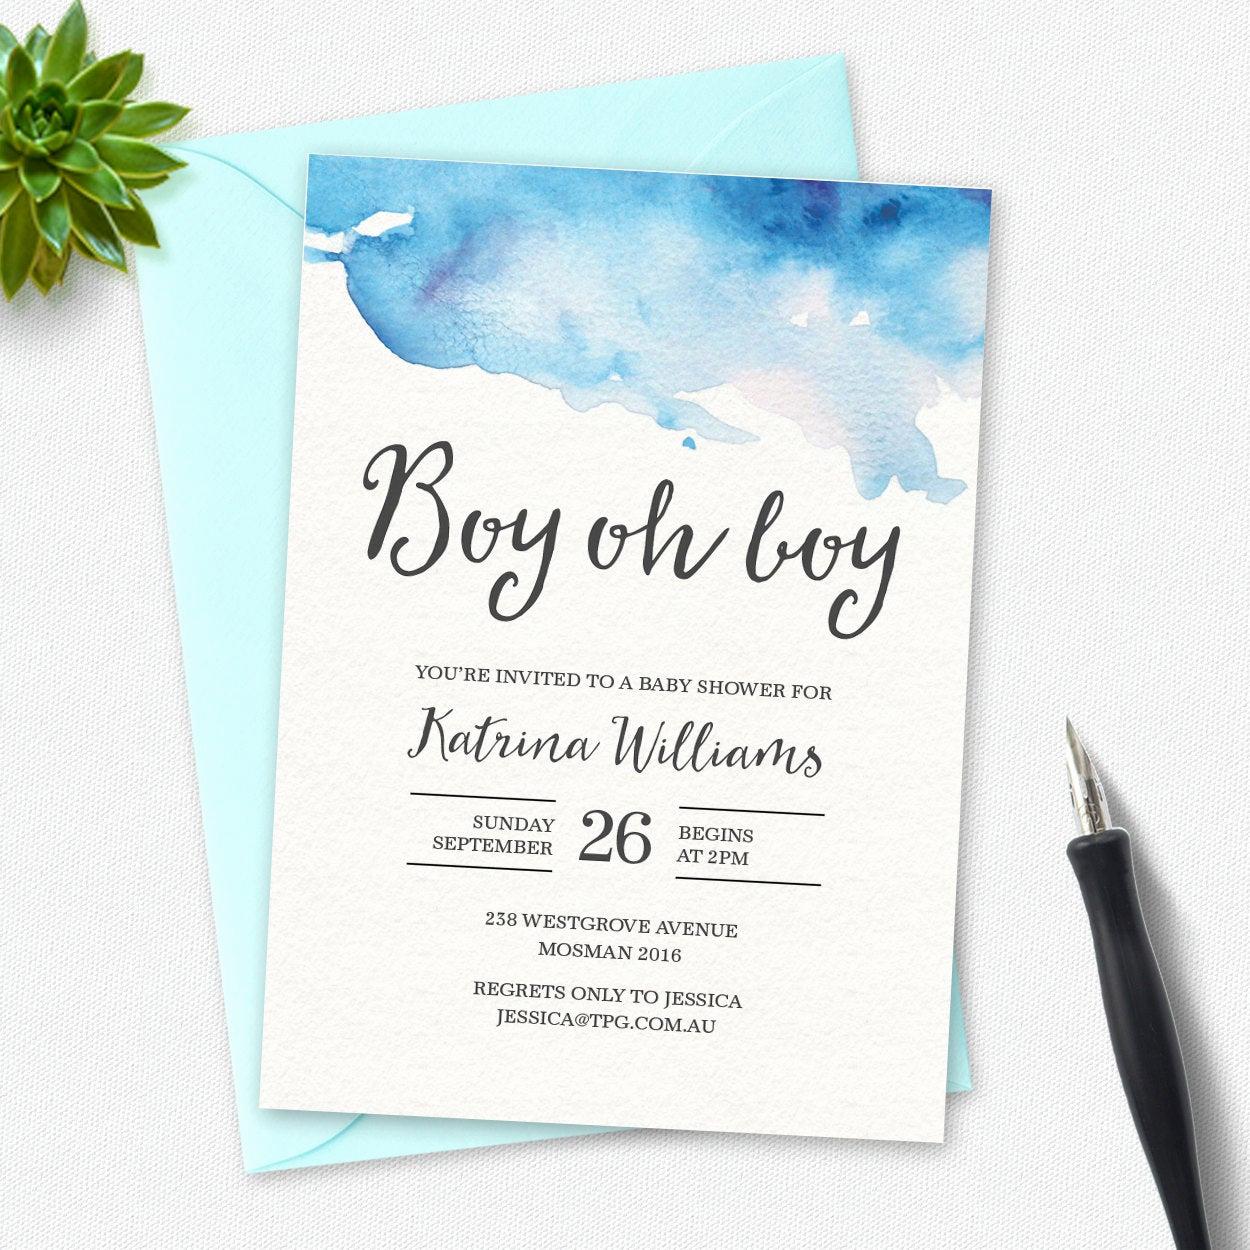 Boy Baby Shower Invitation Elegant Boy Baby Shower Invitation Boy Oh Boy Watercolor